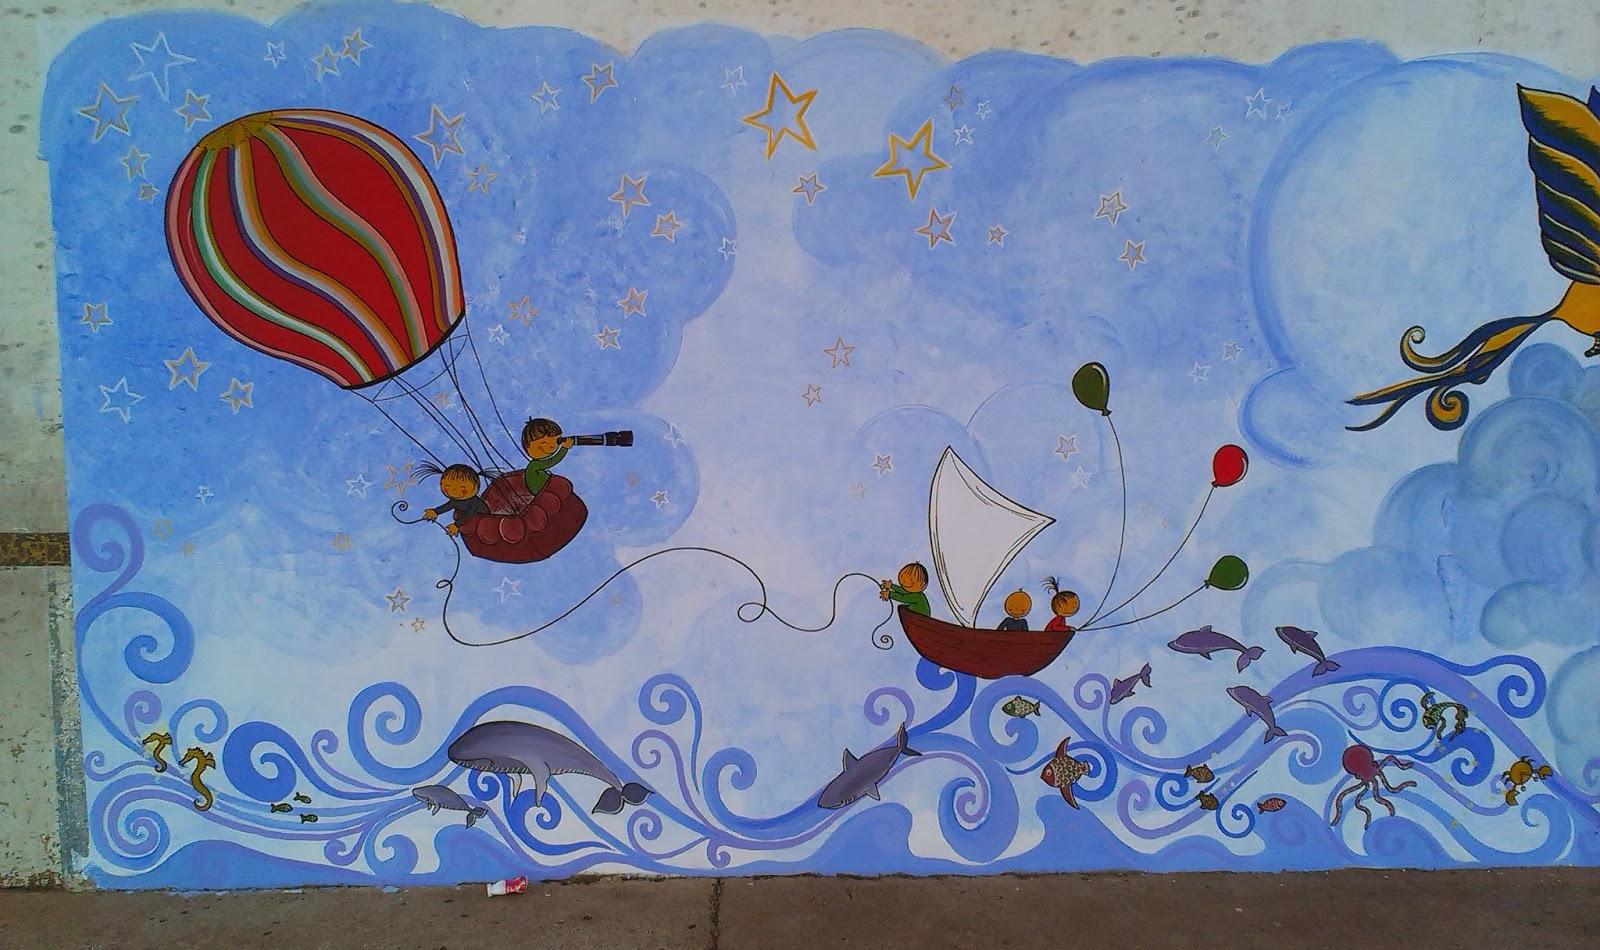 pintura mural para niños: soñando despiertos | SusoletO